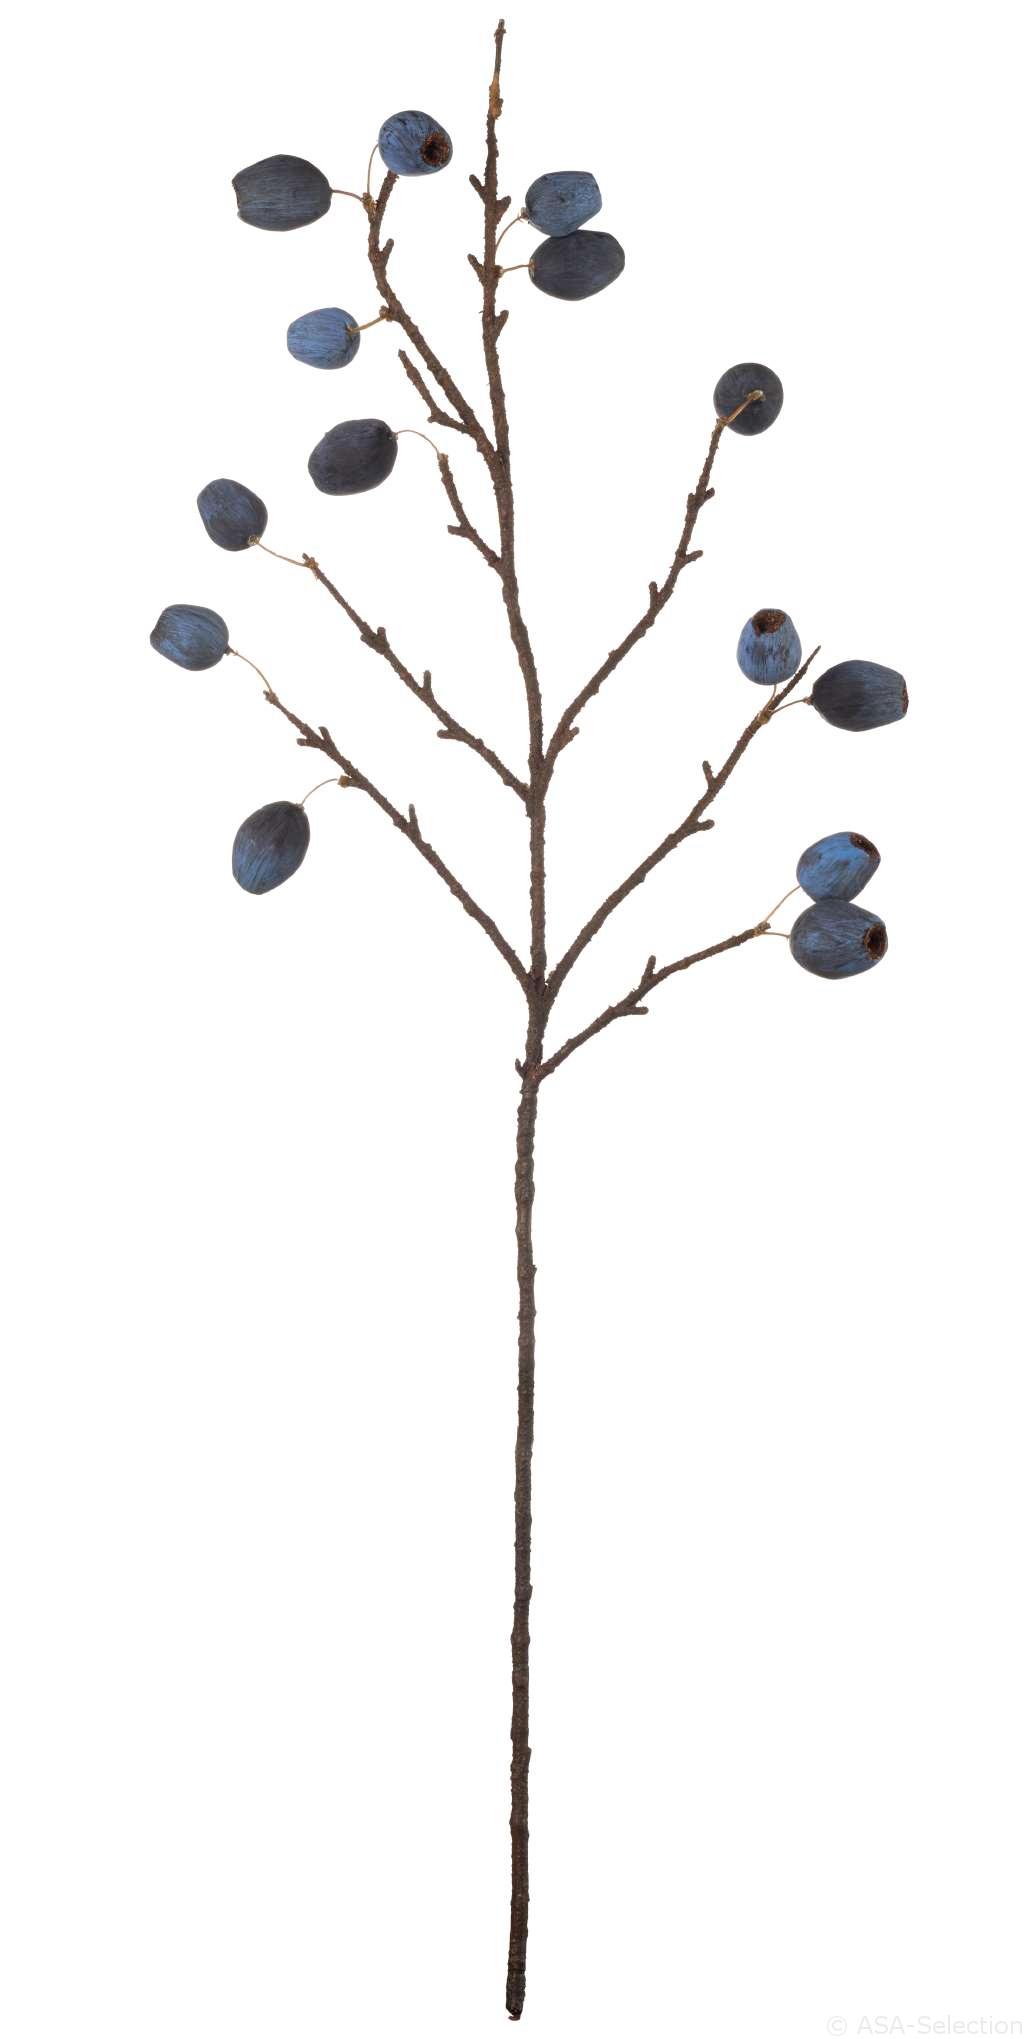 66474444 deko - Floare decorativă - Plumberry twig Ruby (66474444)